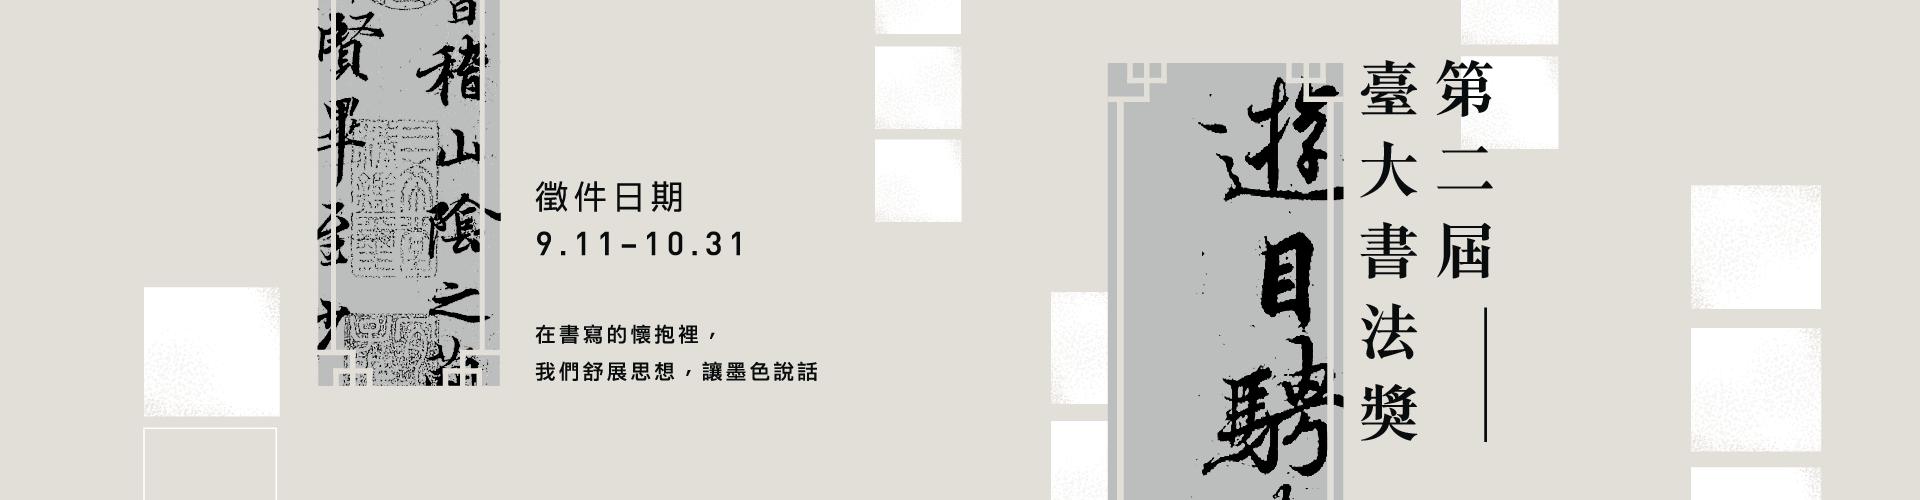 第二屆 臺大書法獎